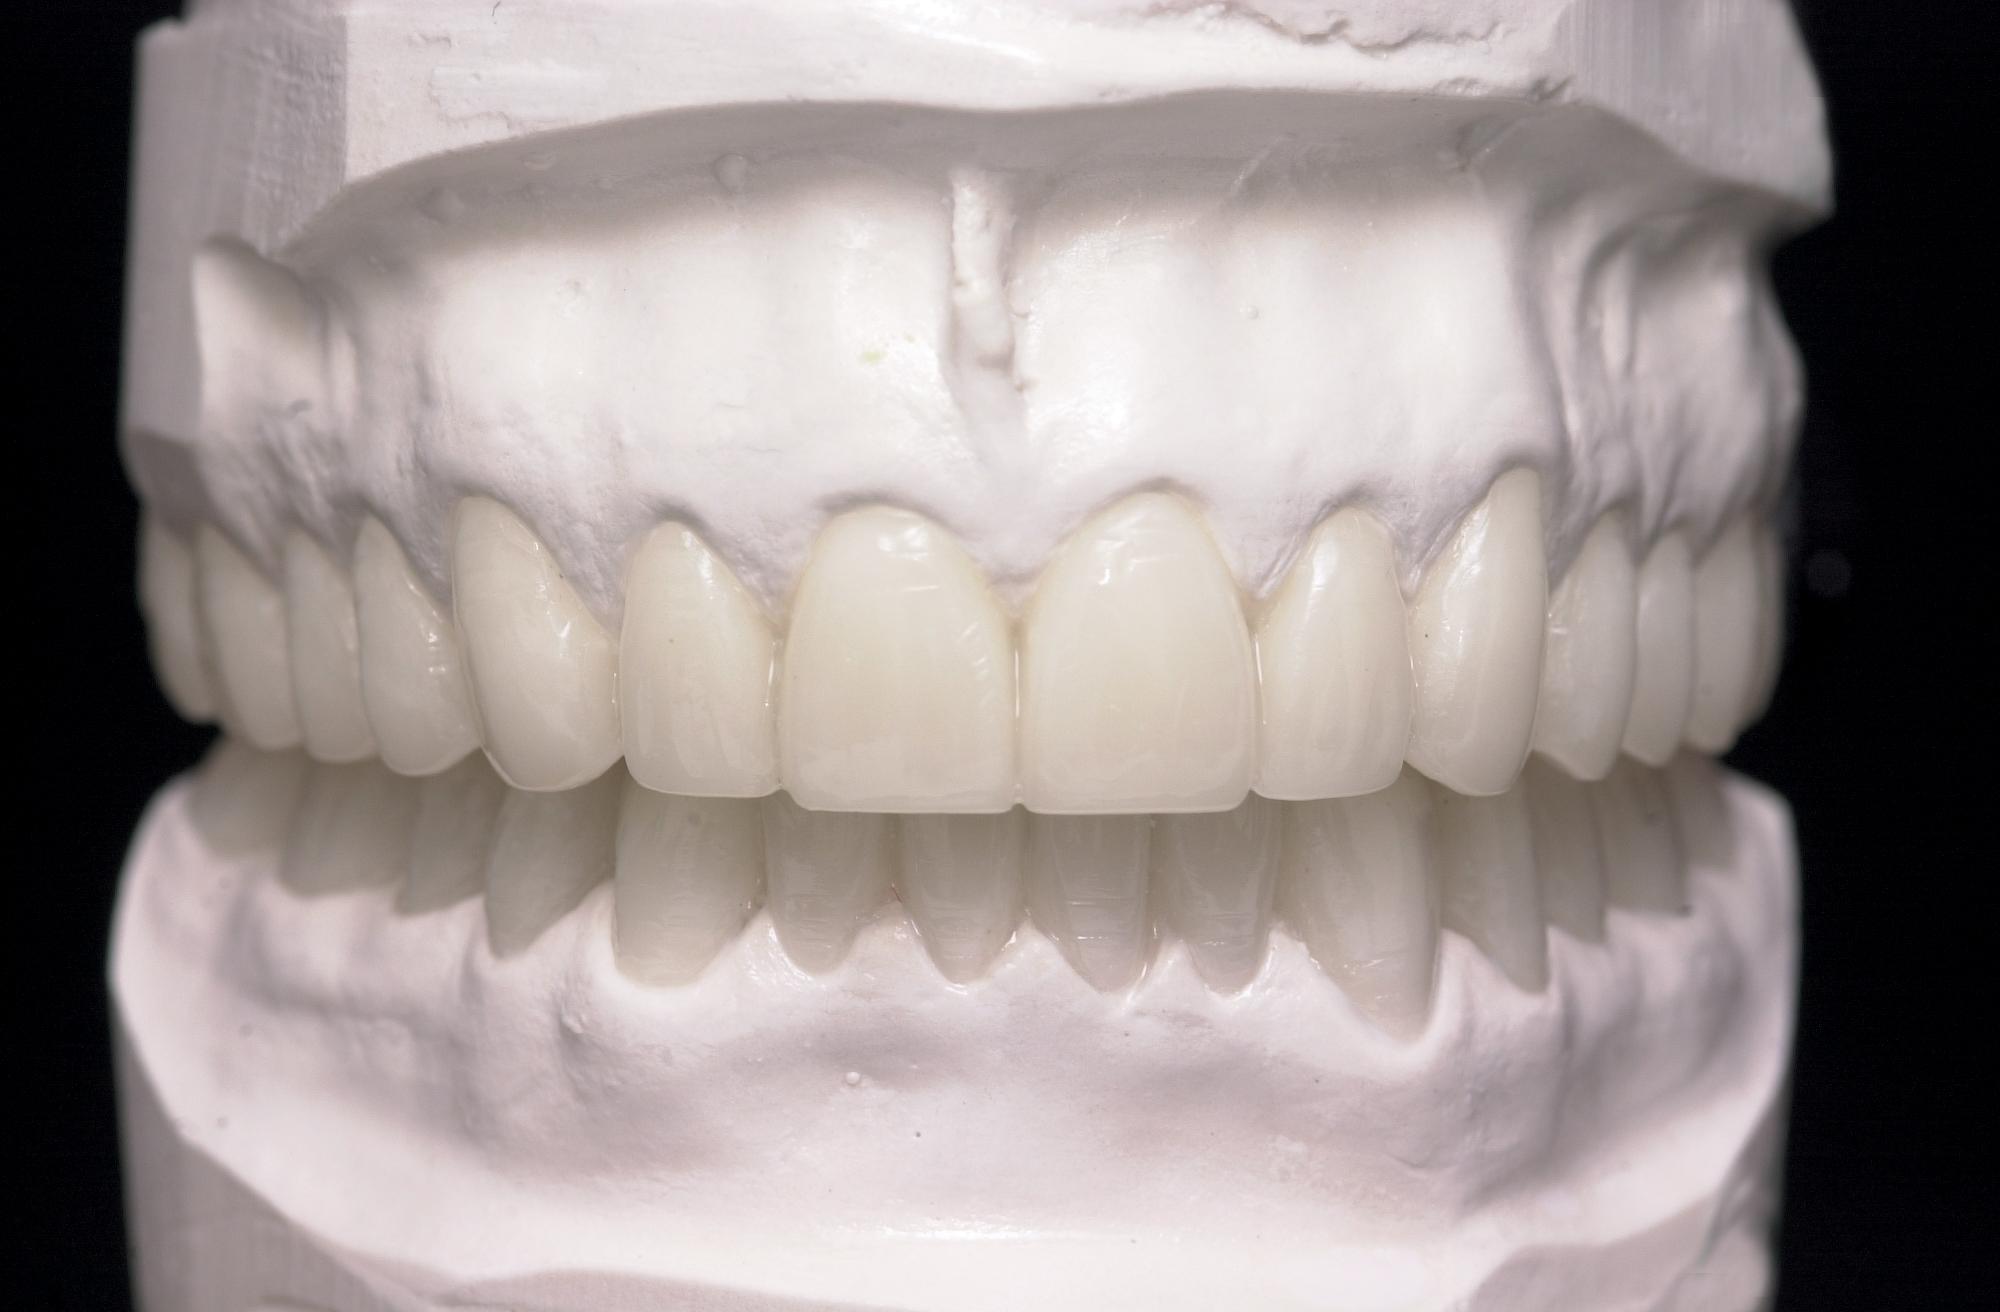 diagnostic wax-ups